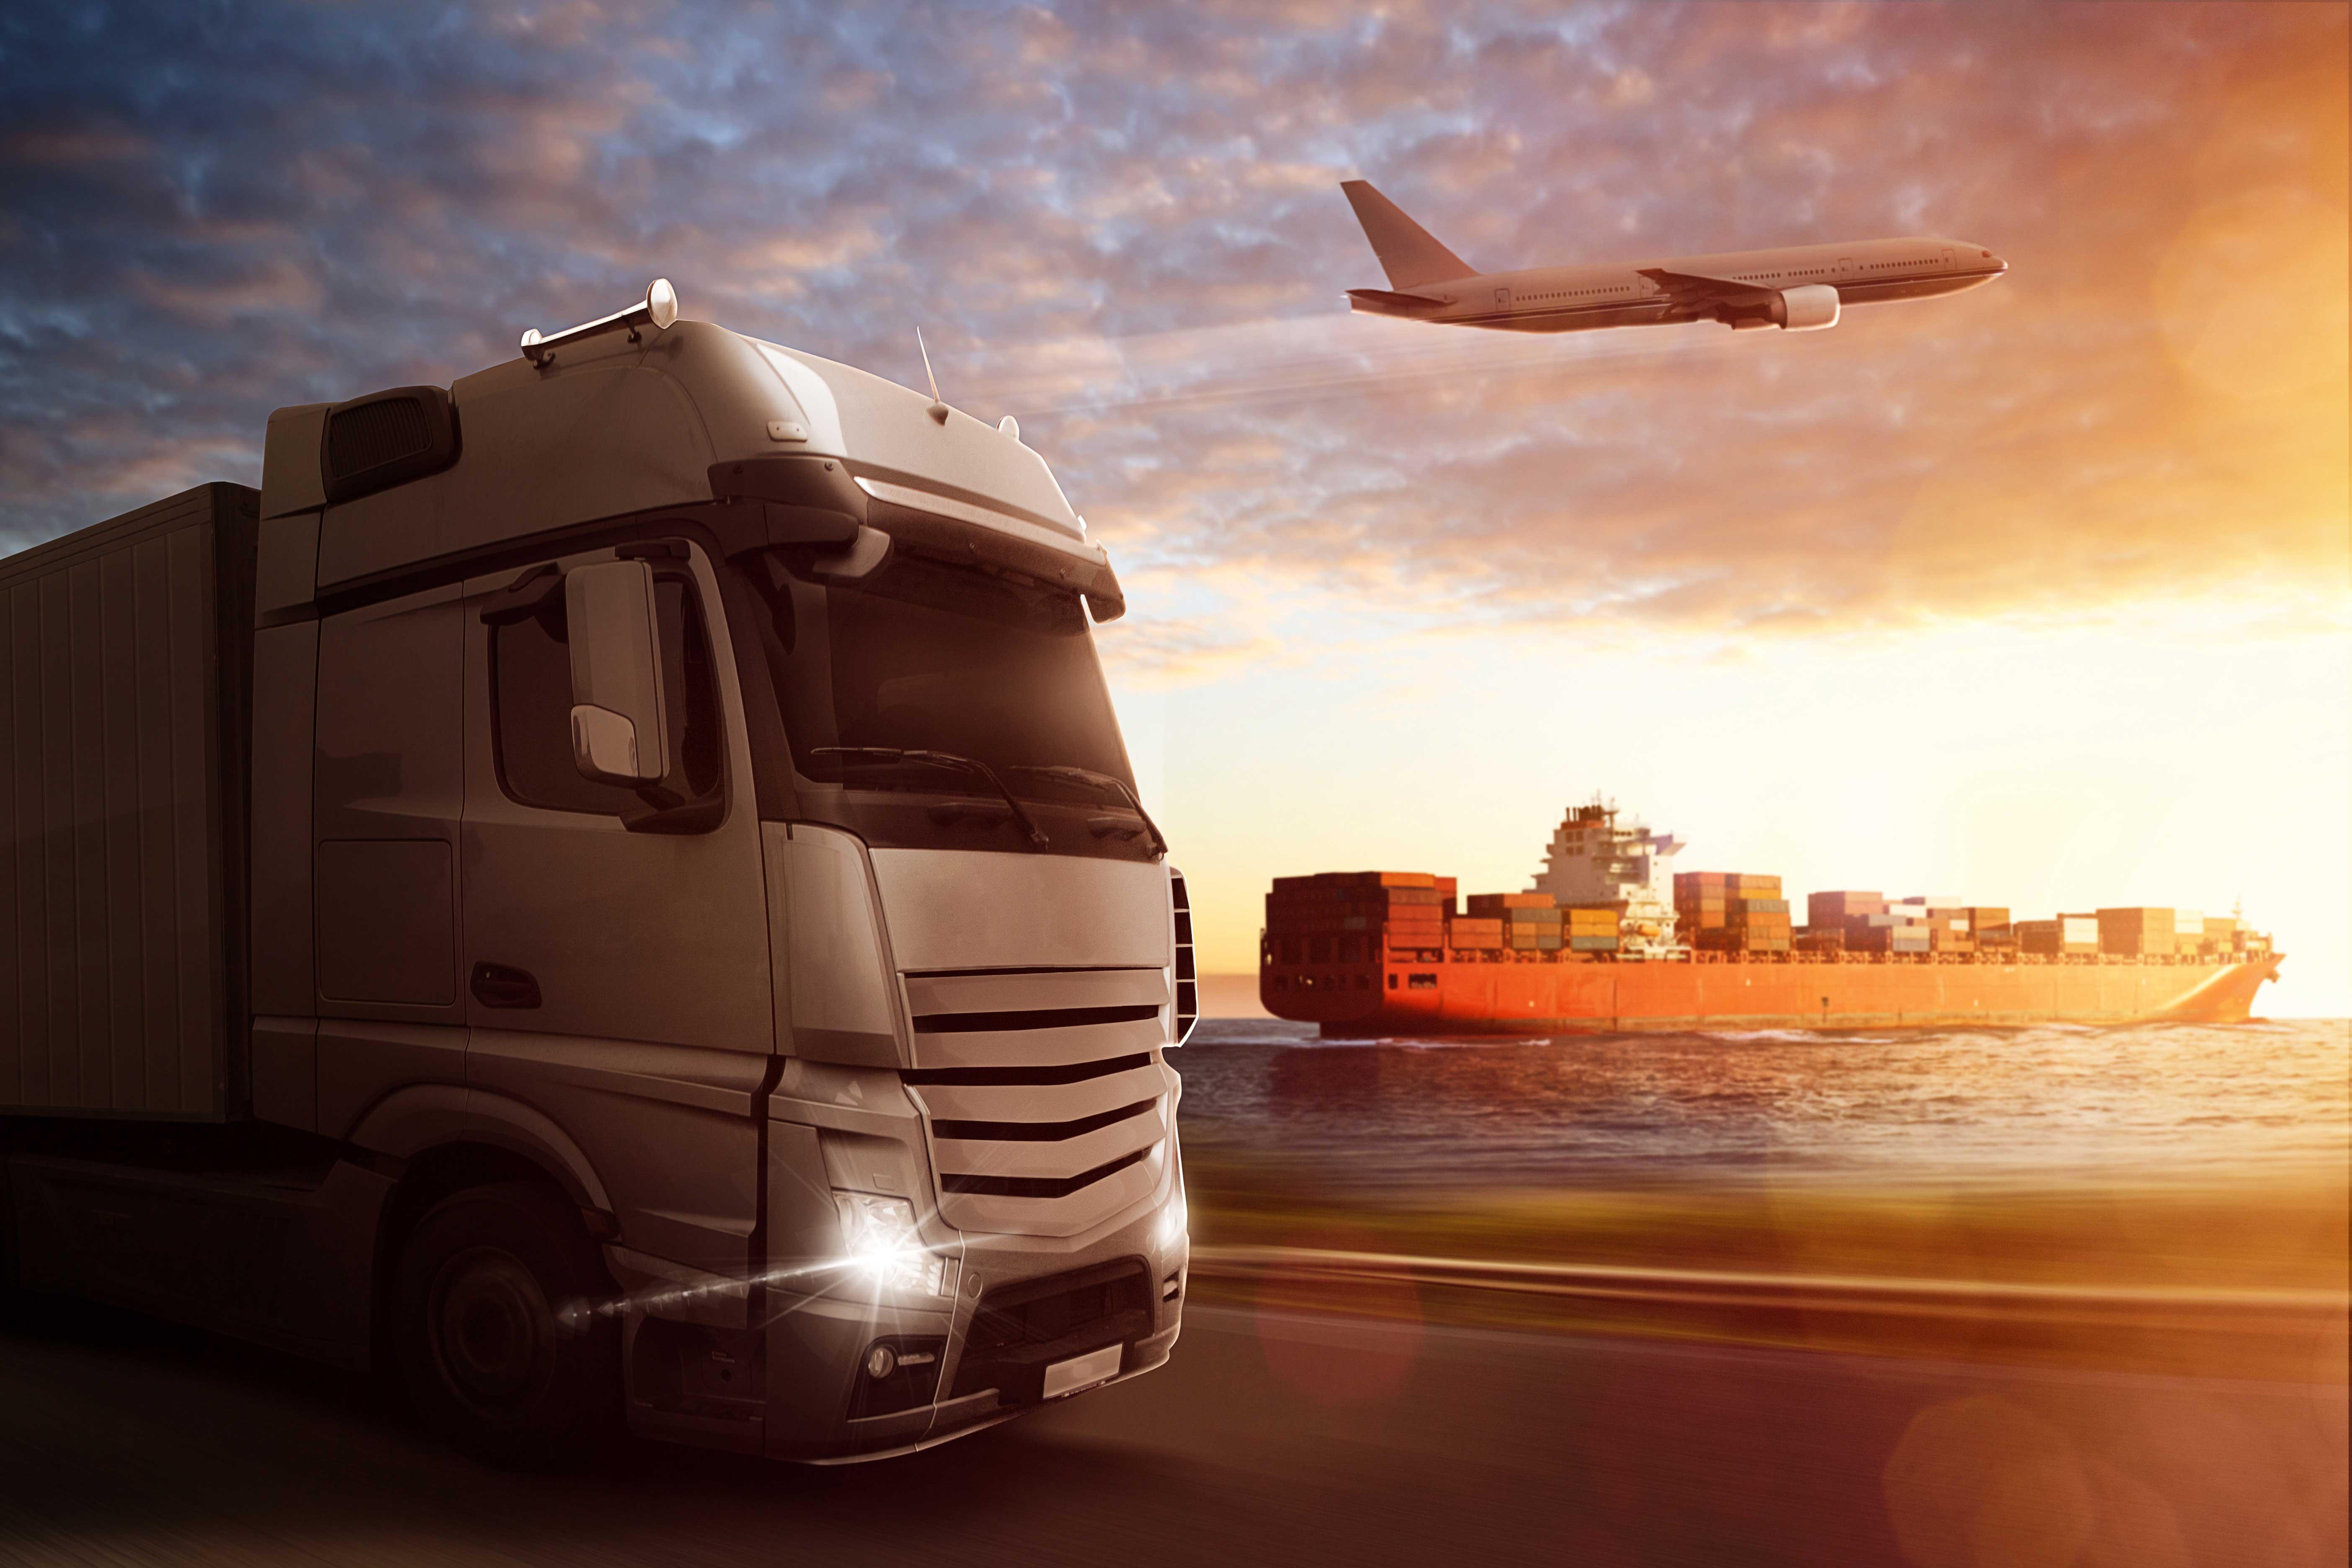 drug testing, trucking, DOT, NON-DOT, transportation, drug testing, employee screening, safety